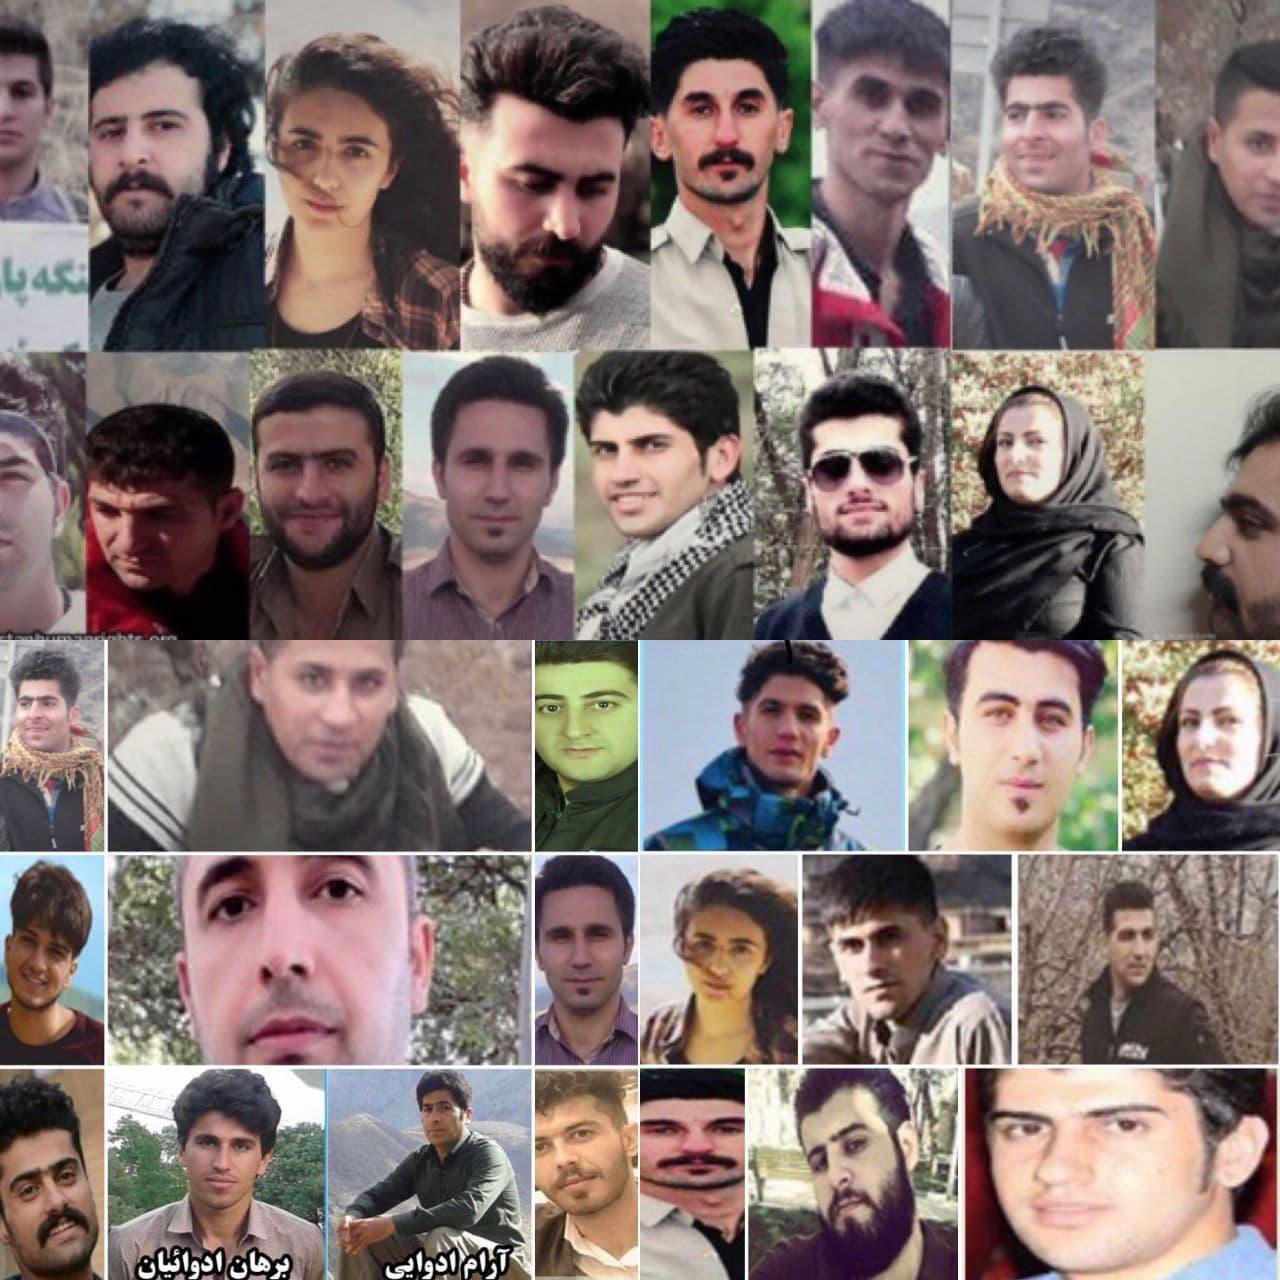 بازداشتشدگان اخیر در کردستان آزاد شوند و به فضای به وجود آمده پایان دهید